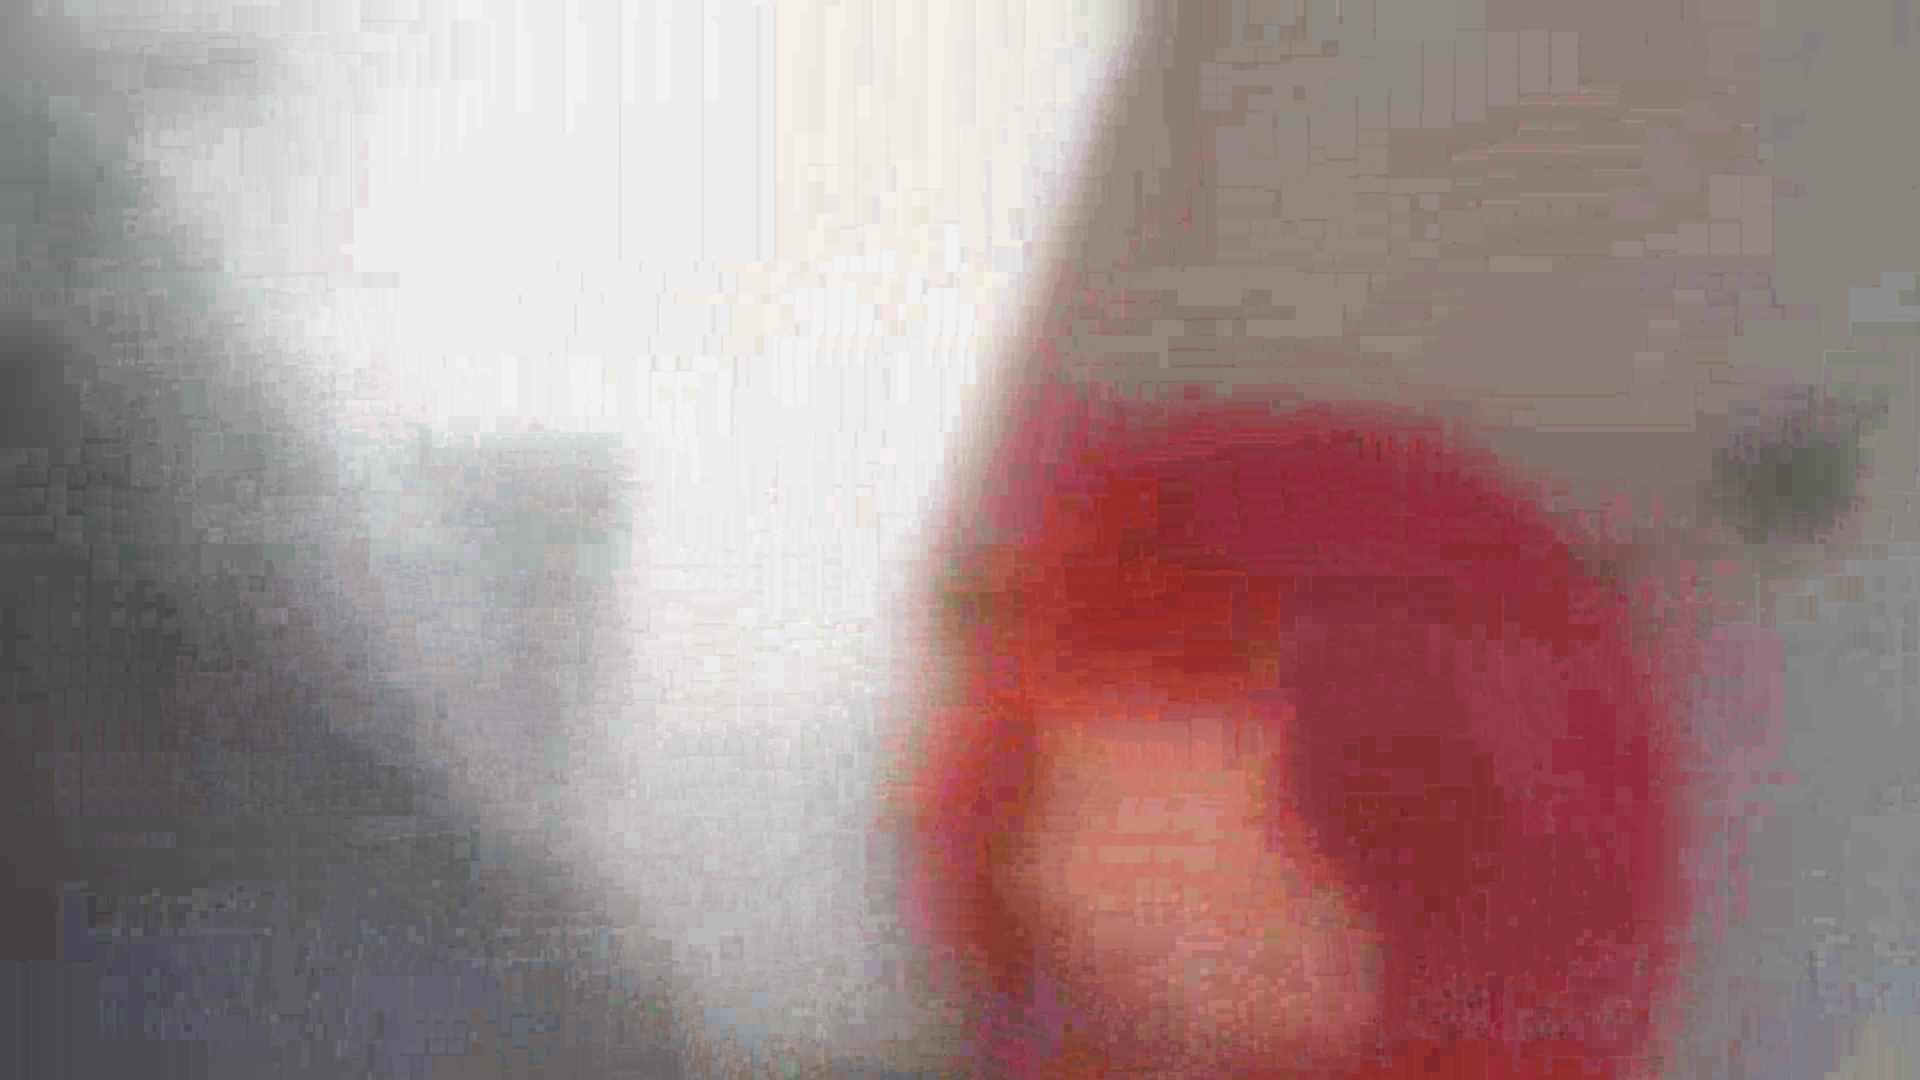 なんだこれVol.14 特別値下げ!可愛いなら町まで追っかけます! 潜入 ワレメ無修正動画無料 80pic 7